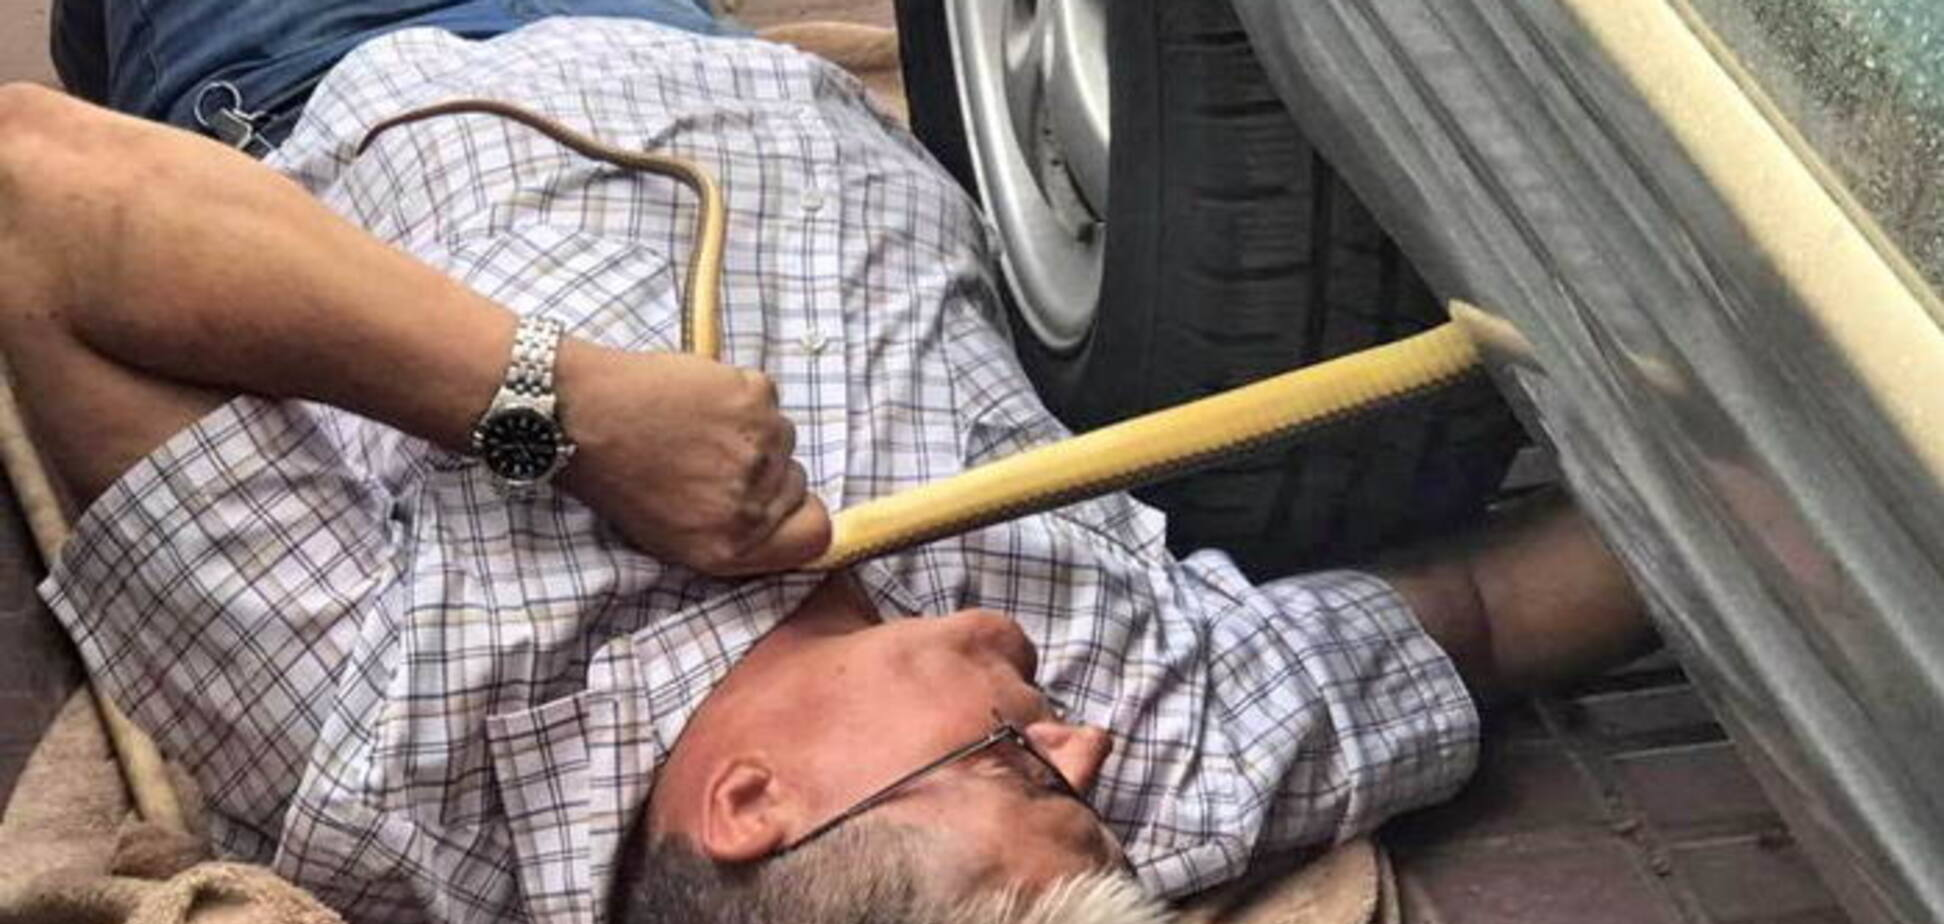 Под Днепром мужчина погиб под колесами собственного авто. Фото 18+